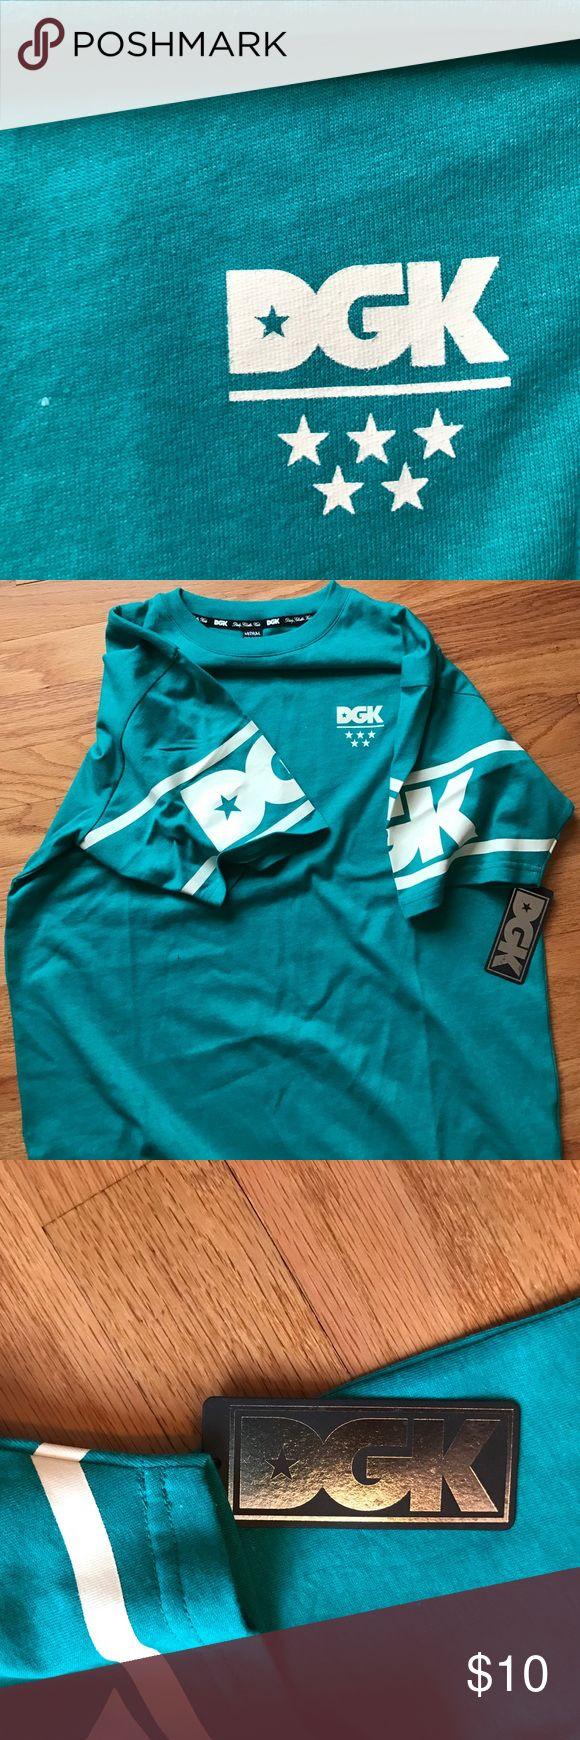 DGK shirt New never worn Teal DGK shirt. DGK Shirts Tees - Short Sleeve